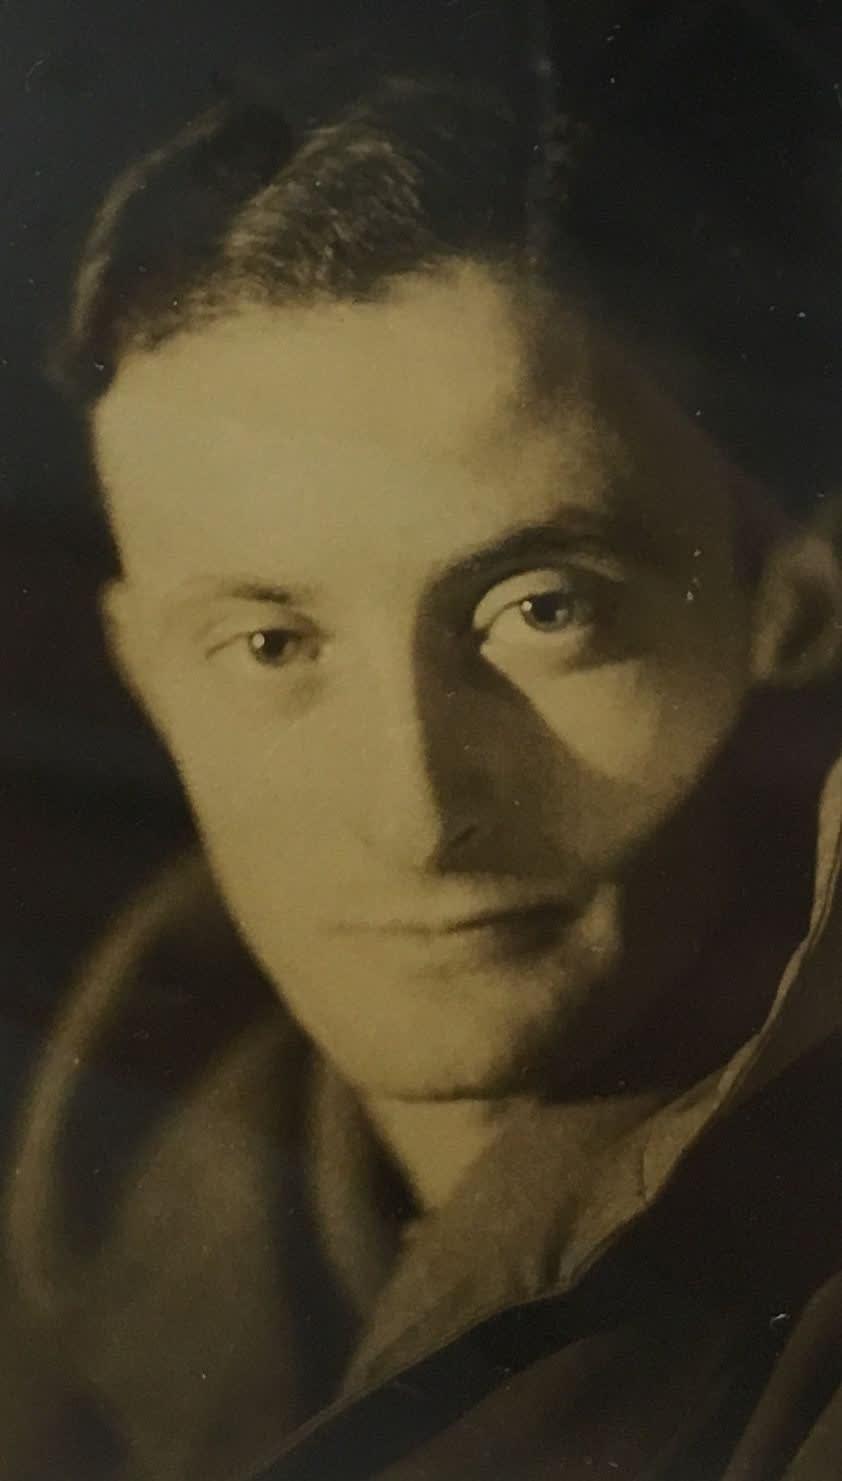 Fred Zinnemann Self-Portrait, 1931 Vintage gelatin silver print 3 5/8 x 2 1/4 inches